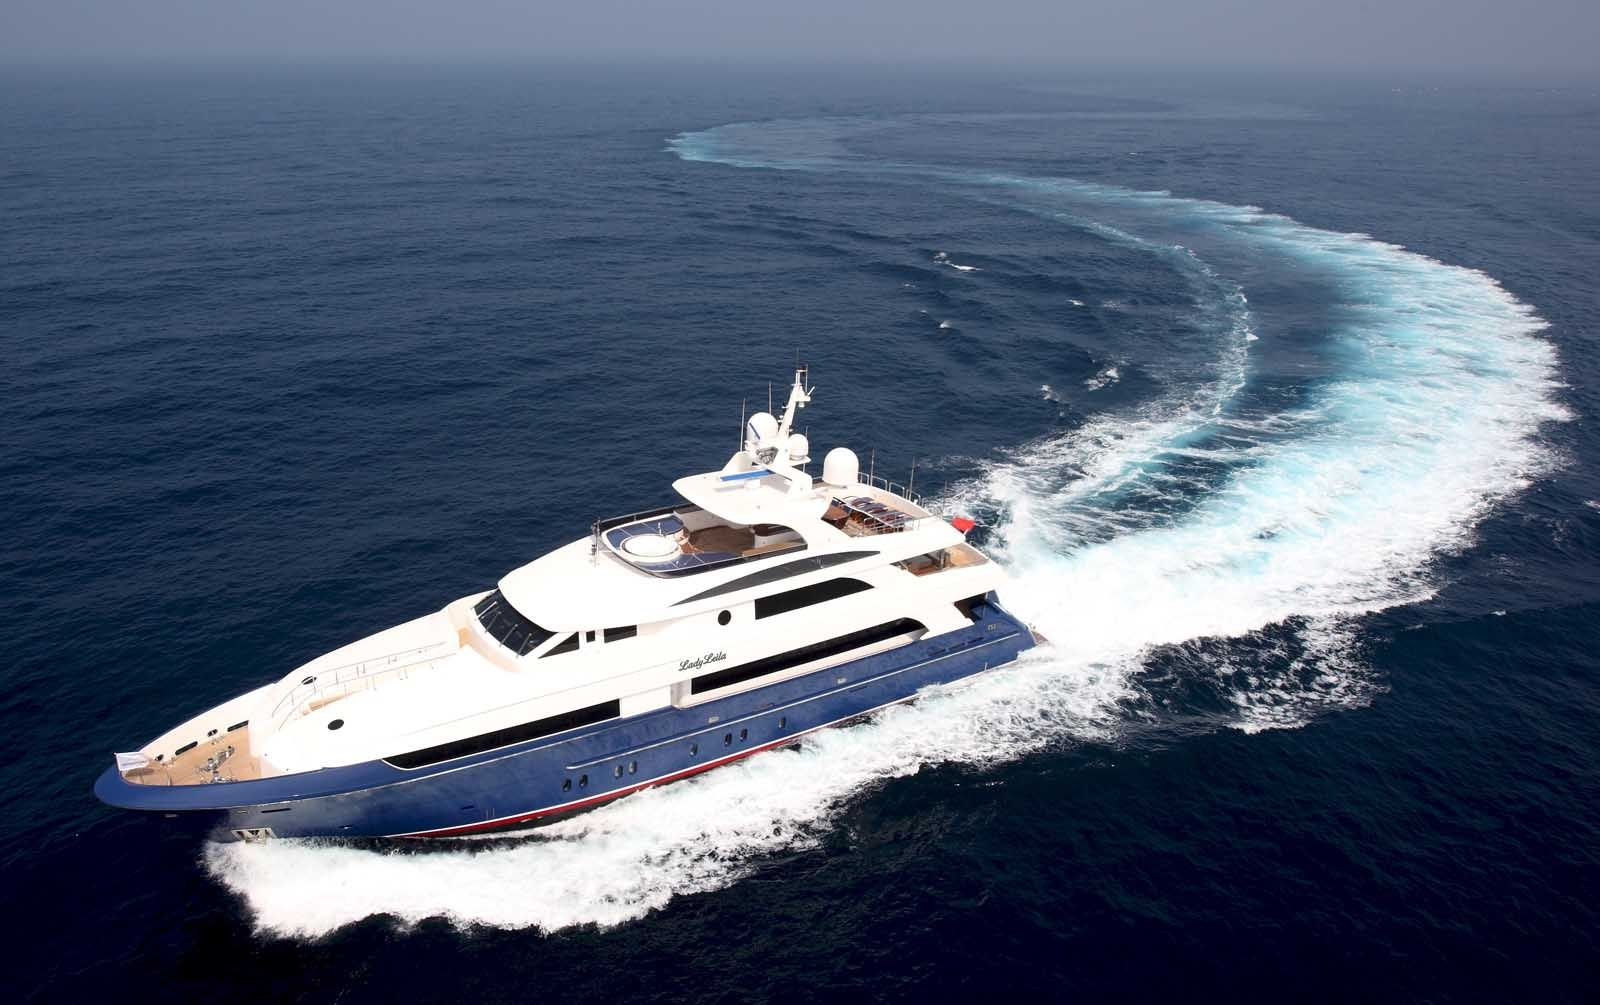 LADY LEILA - Horizon Yachts 132 - 5 Staterooms - Bahamas - Nassau - Paradise Island - Georgetown